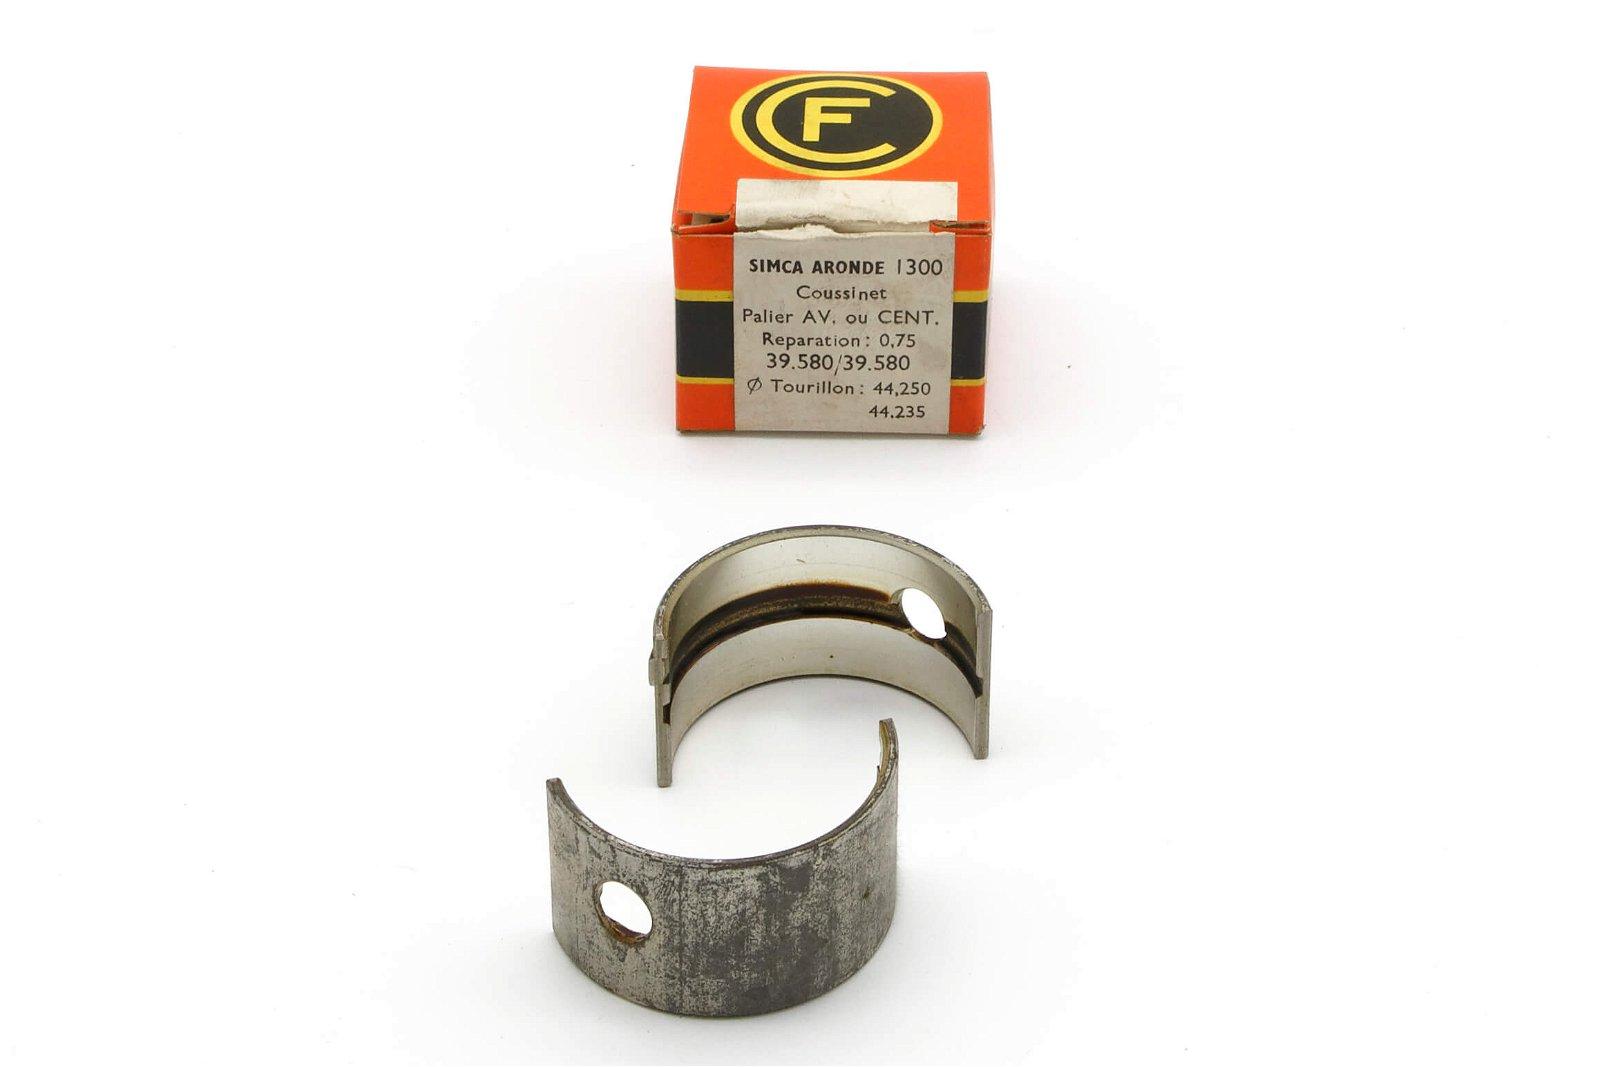 Coussinet Palier Av ou CENT 39.580 / 39.580  Réparation 0.75 Simca